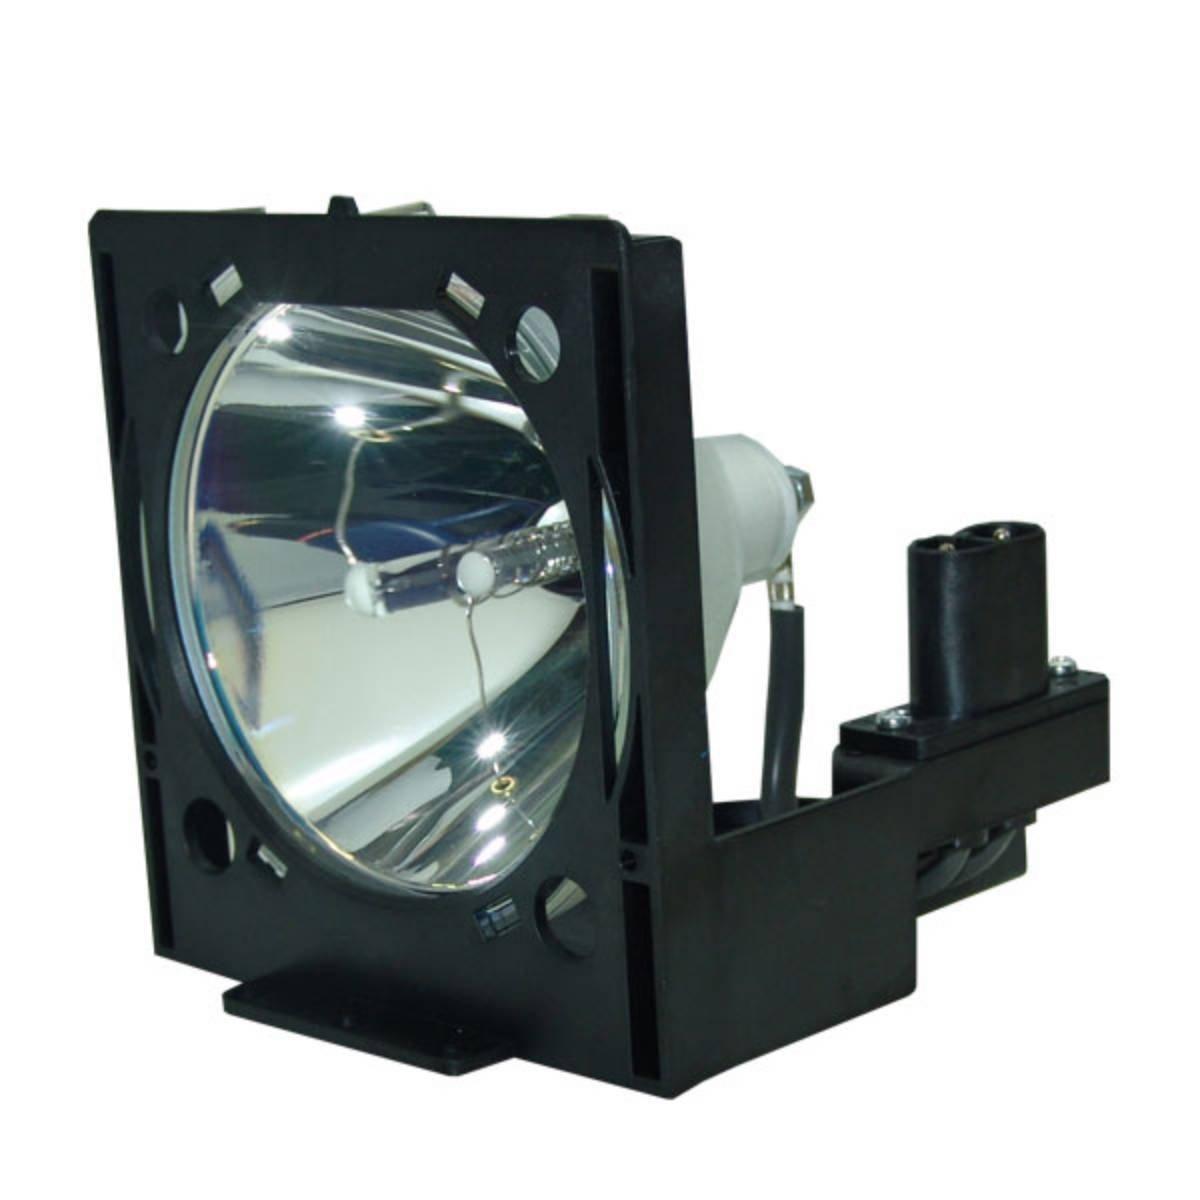 POA-LMP14 LMP14 610-265-8828 for SANYO PLC-5600D PLC-5605 PLC-8800N PLC-8805 PLC-8810 PLC-8815 PLC-XR70 Projector Lamp Bulb original bare projector lamp poa lmp136 610 346 9607 bulb for plc xm150 plc xm150l plc wm5500 plc zm5000l plc wm5500l